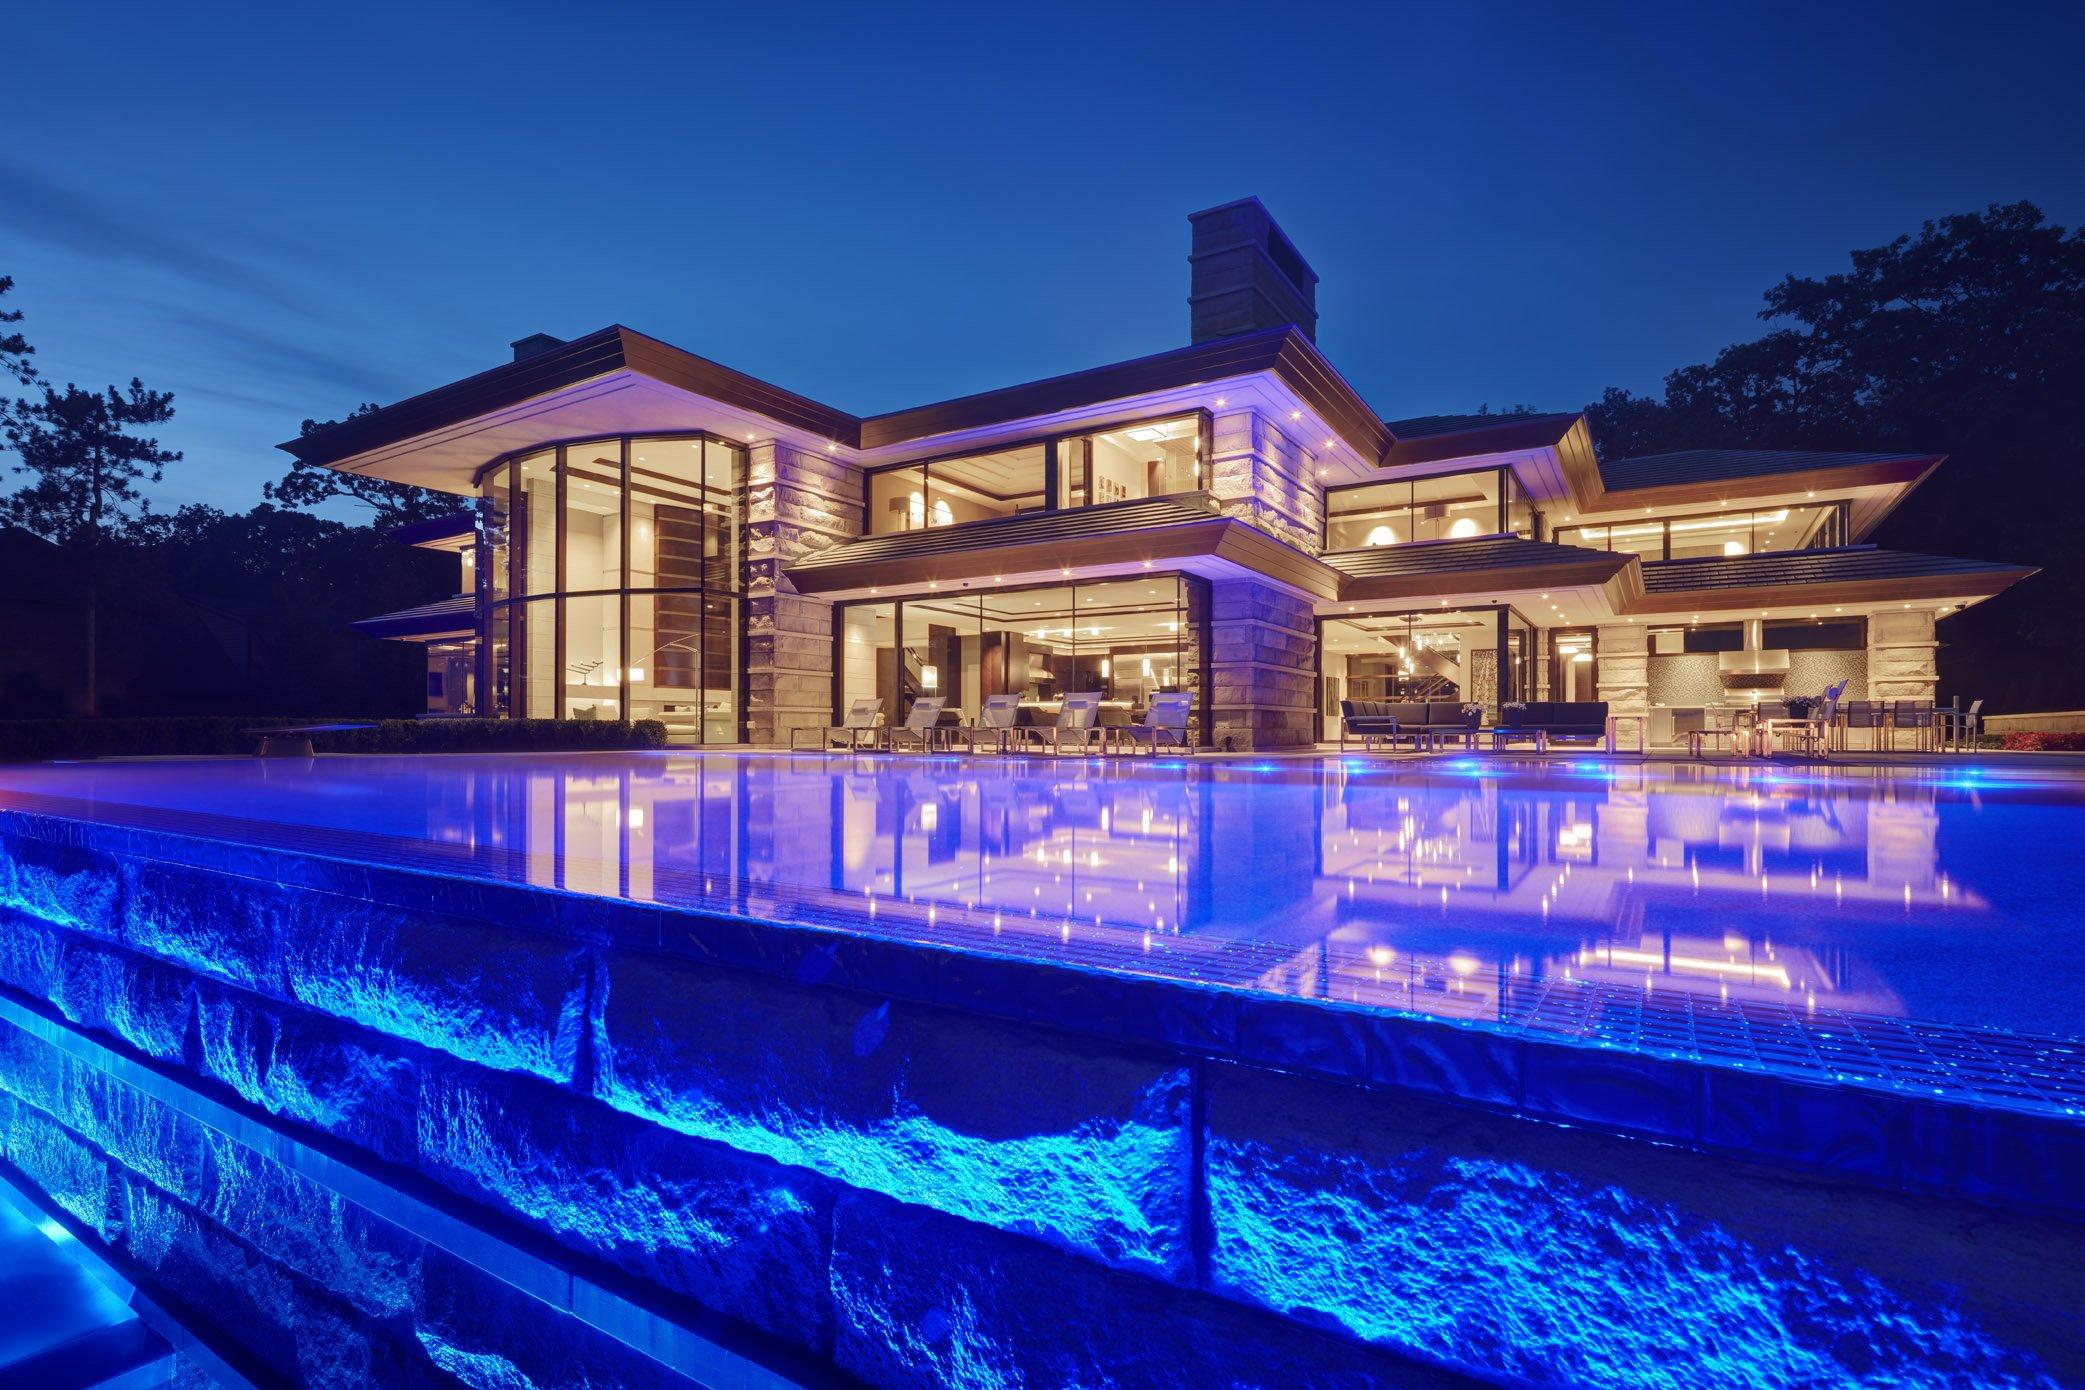 Luxury custom home builder, Derocher Builders, Michigan